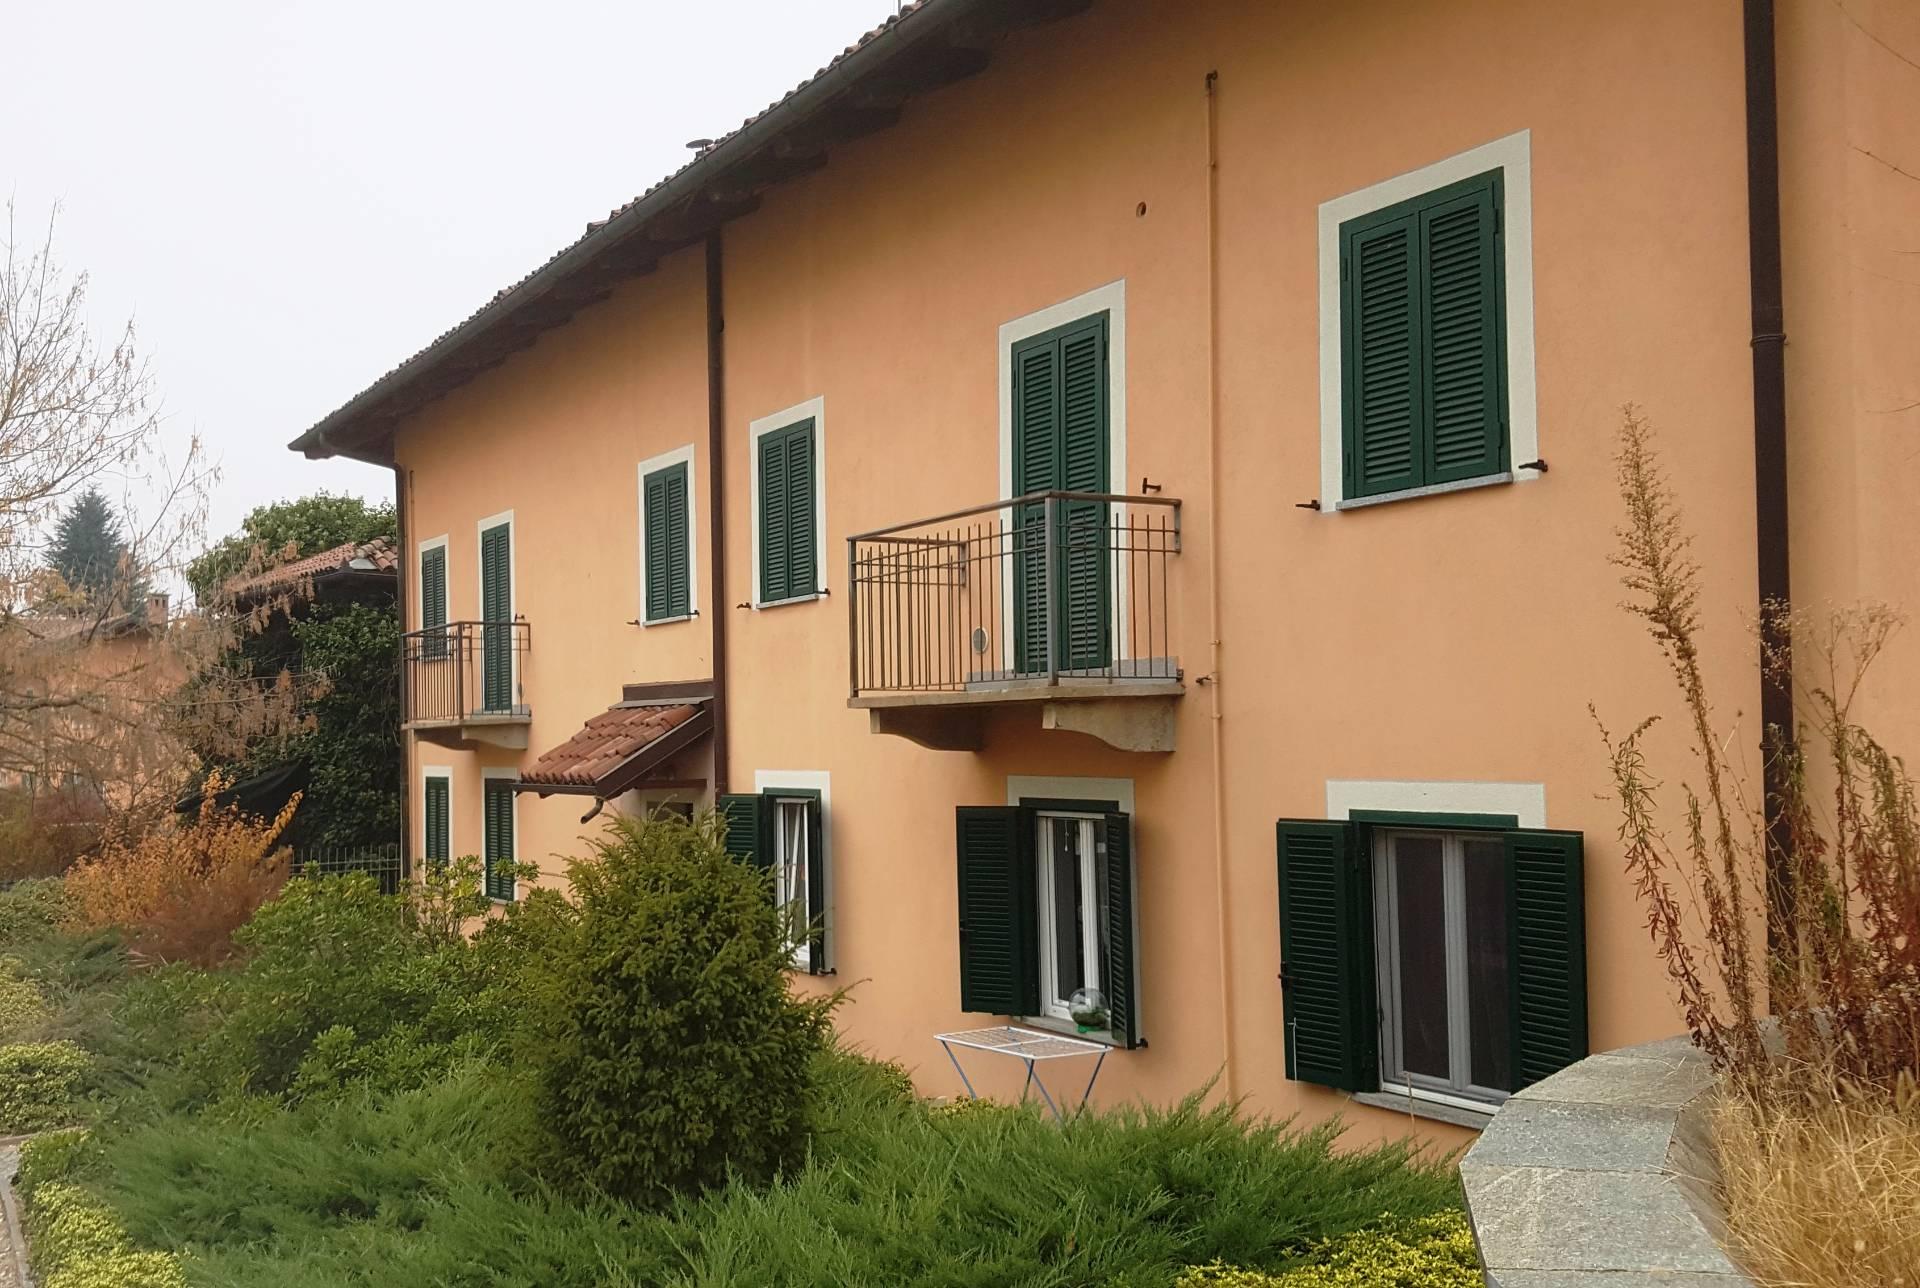 Case in vendita con giardino a chieri for Case in vendita con appartamento seminterrato